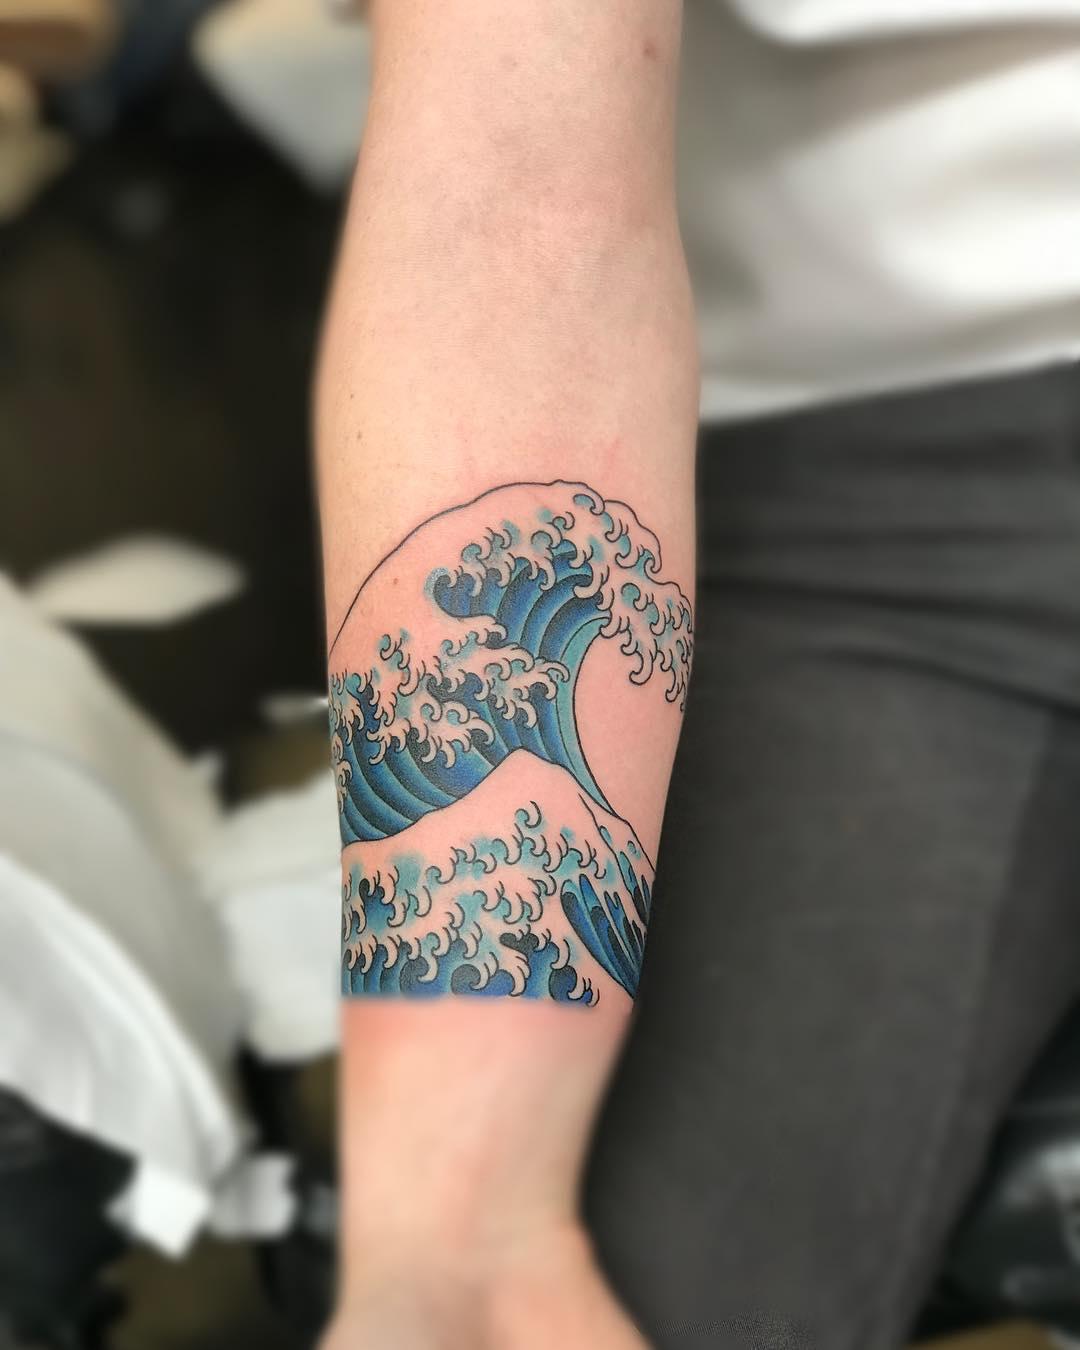 小臂蓝色海浪浪花纹身图案